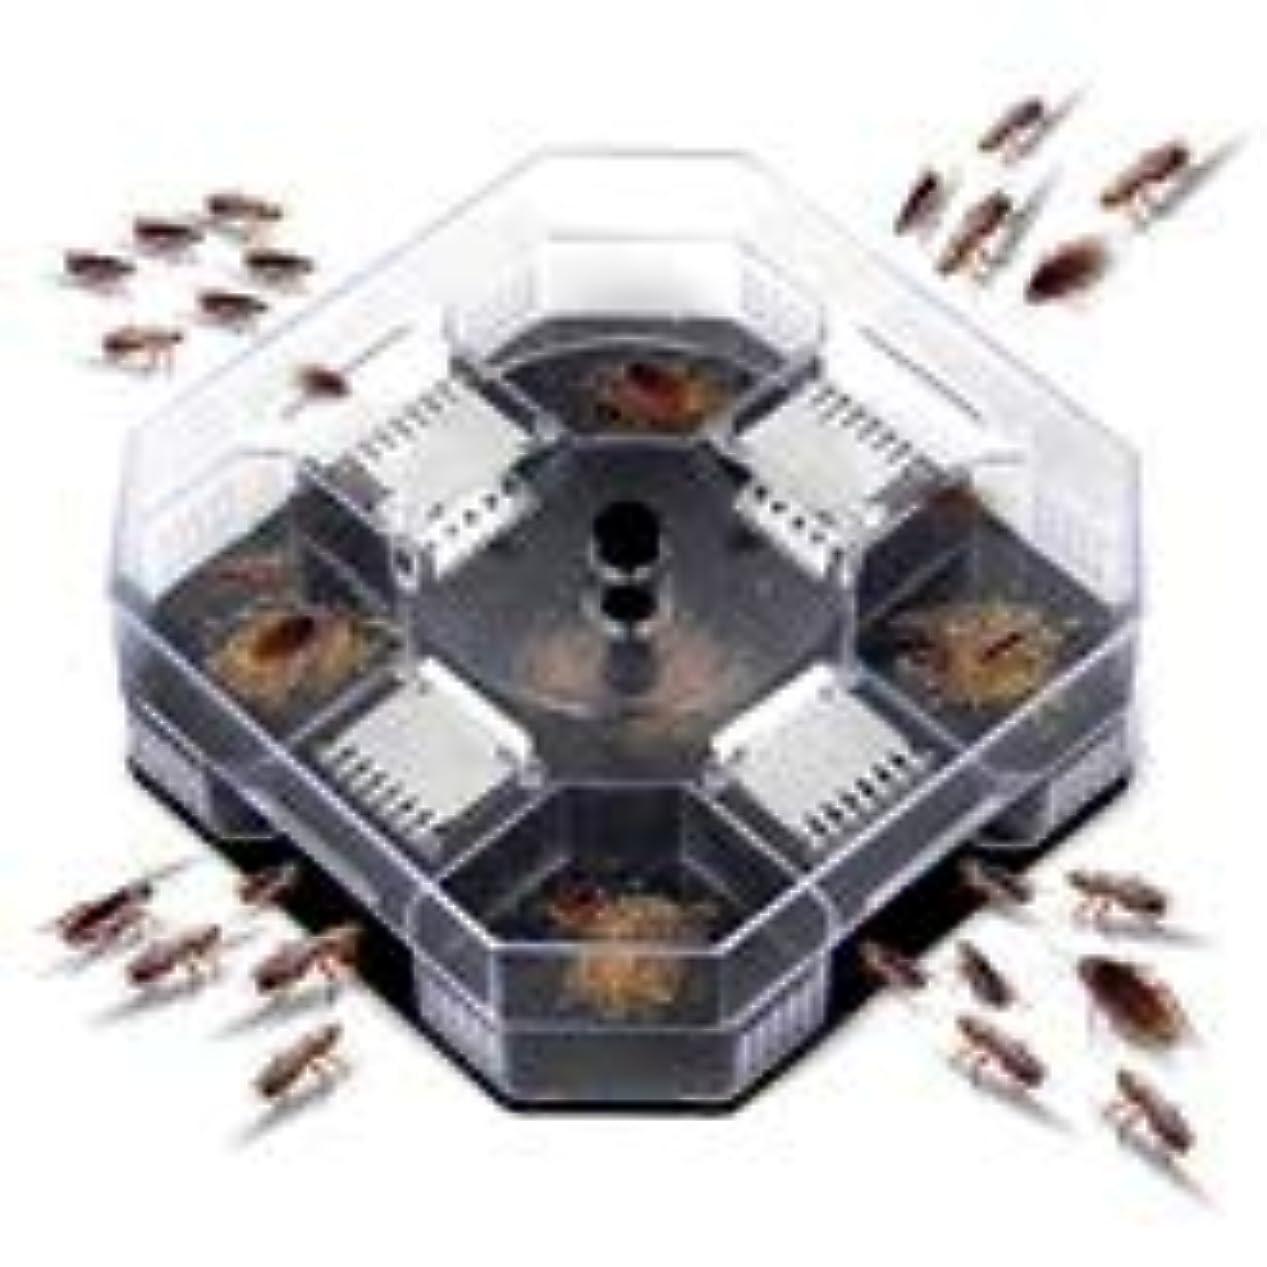 シャッターペイント滅びるLVESHOP 効率的なゴキブリゴキブリトラップキラーキャッチャーボックス物理的捕獲、再利用可能、無毒、環境にやさしい